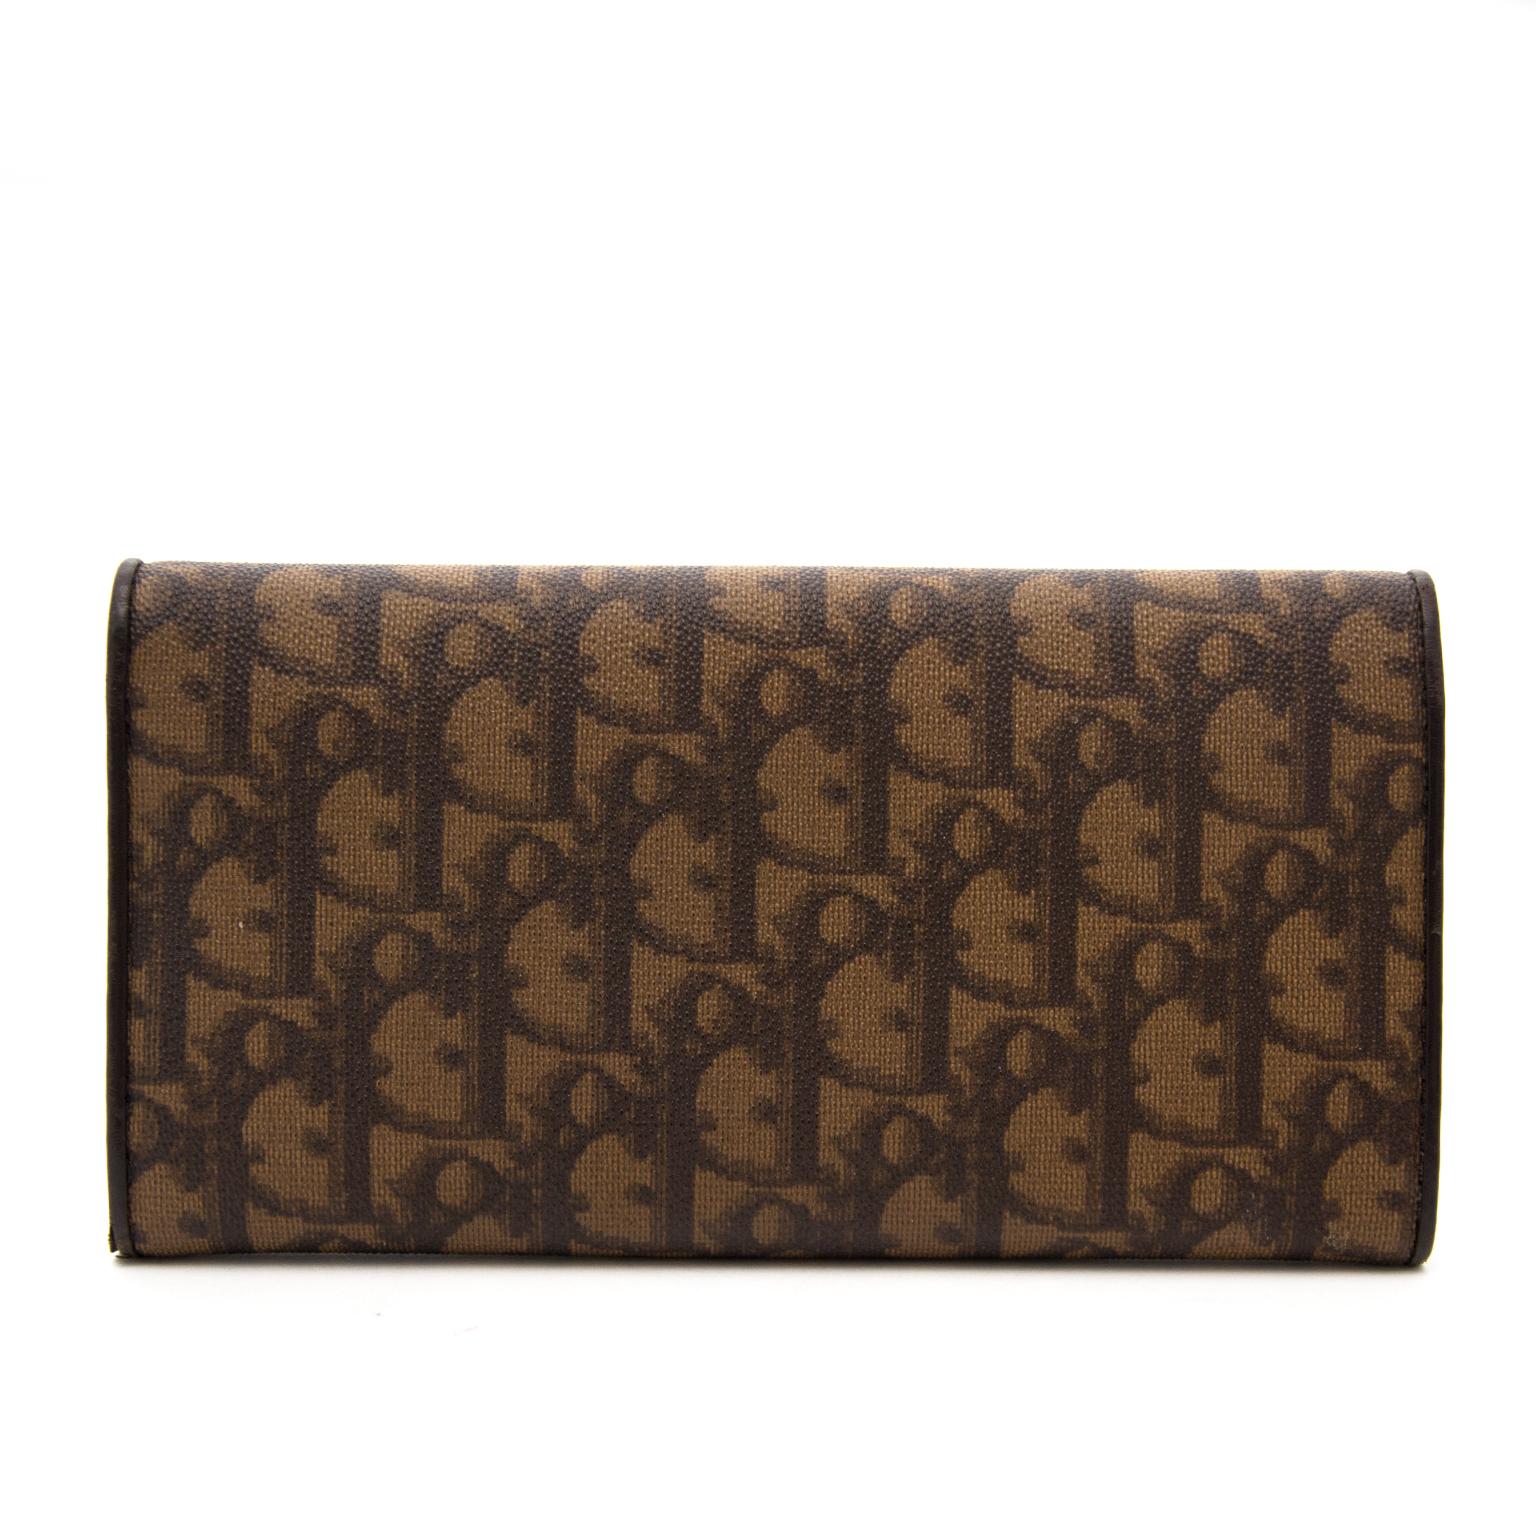 Dior Brown Monogram Wallet te koop in Antwerpen, België en wereldwijd aan de beste prijs